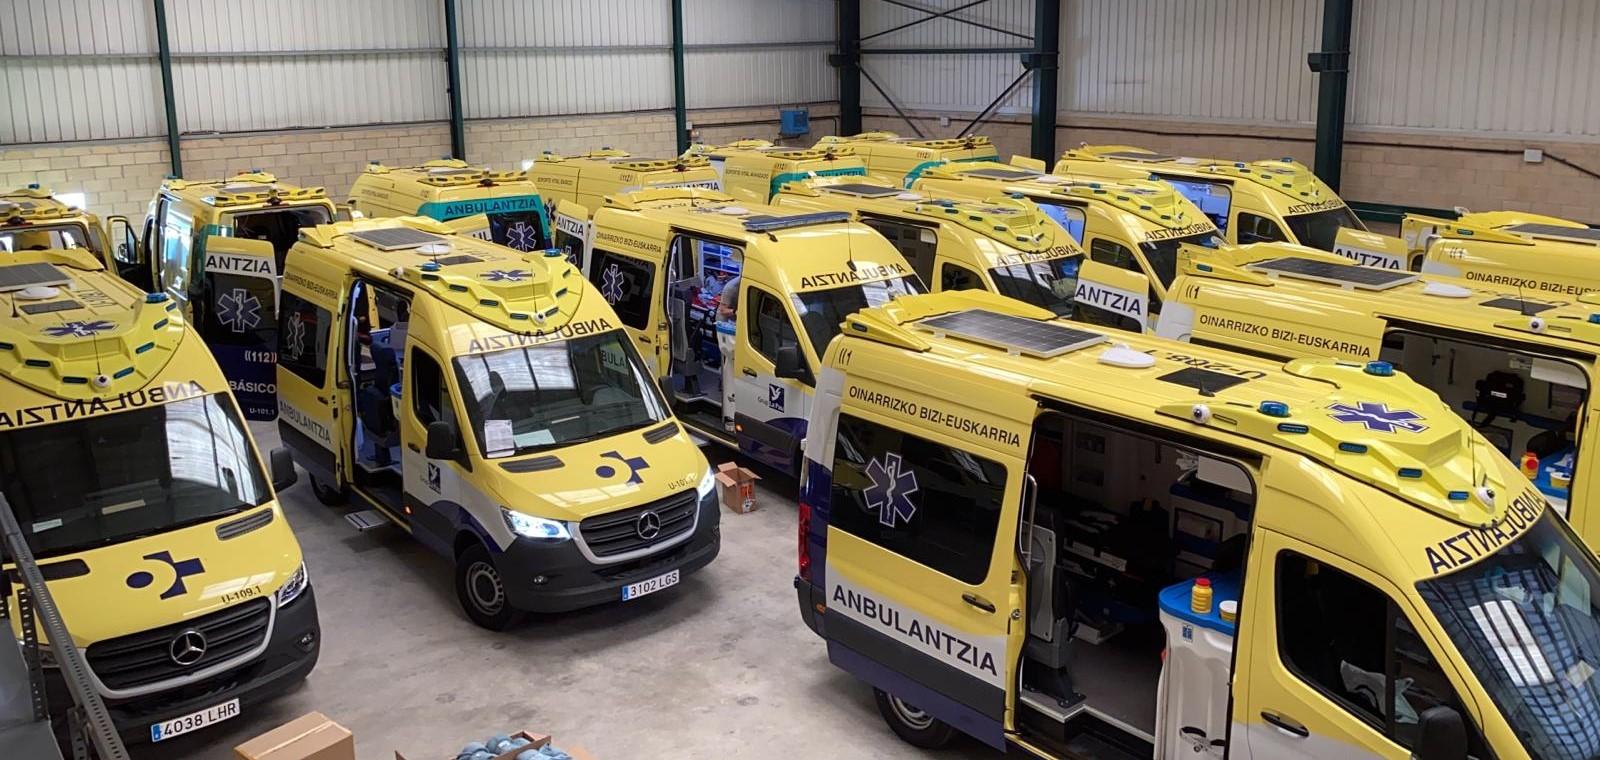 transport sanitari urgent